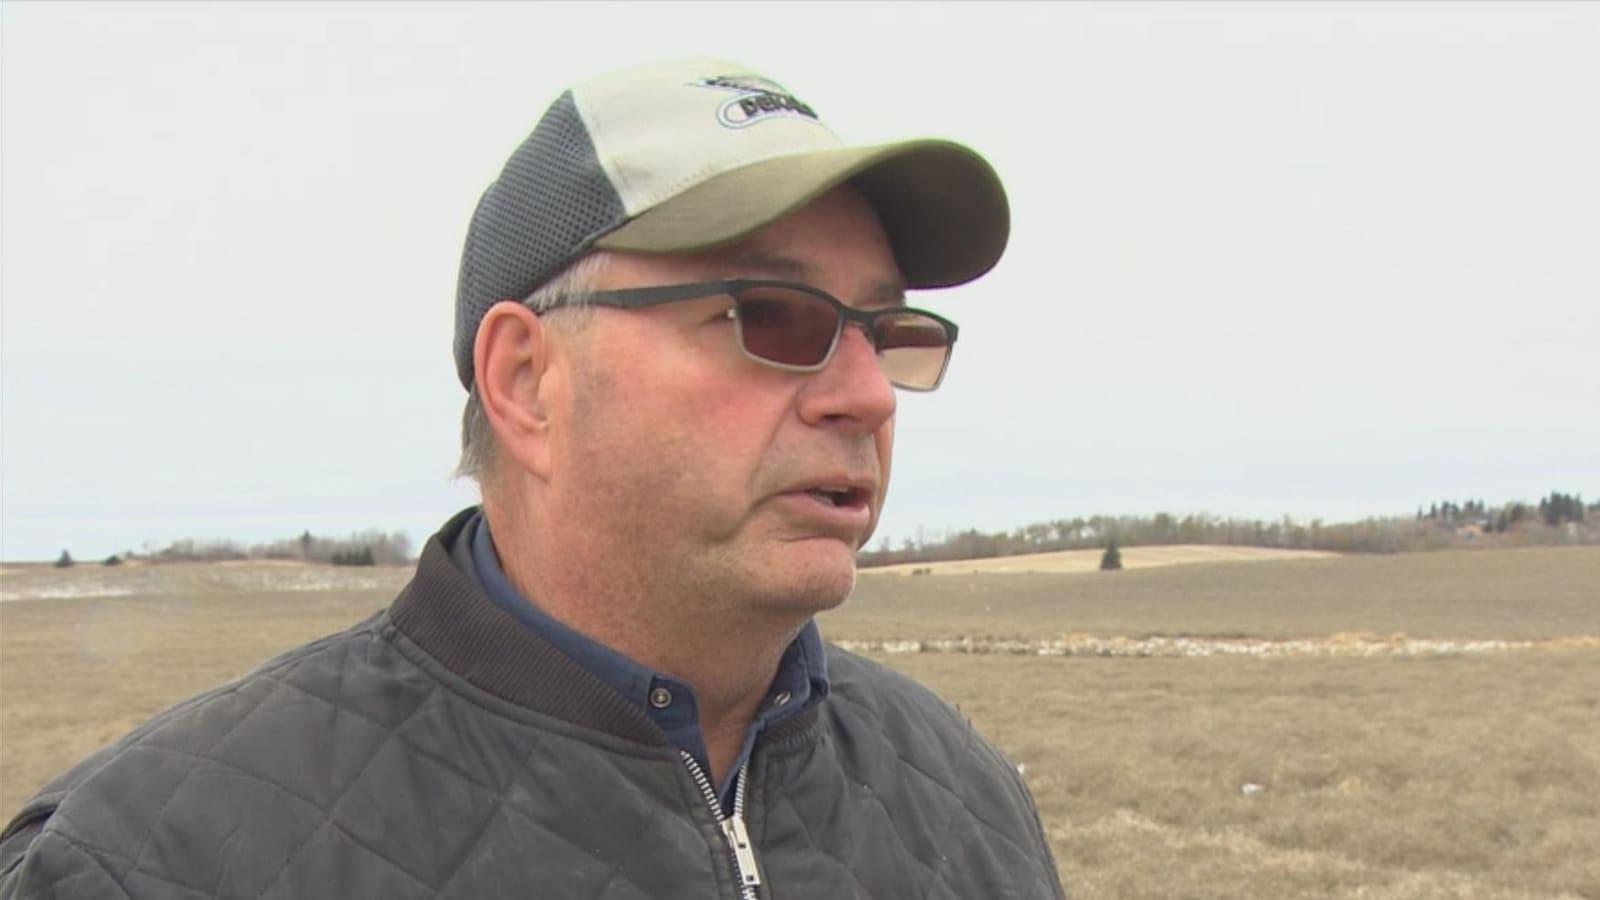 Un homme aux cheveux grisonnant avec une casquette et des lunettes se tient dans un champ sous un ciel gris.